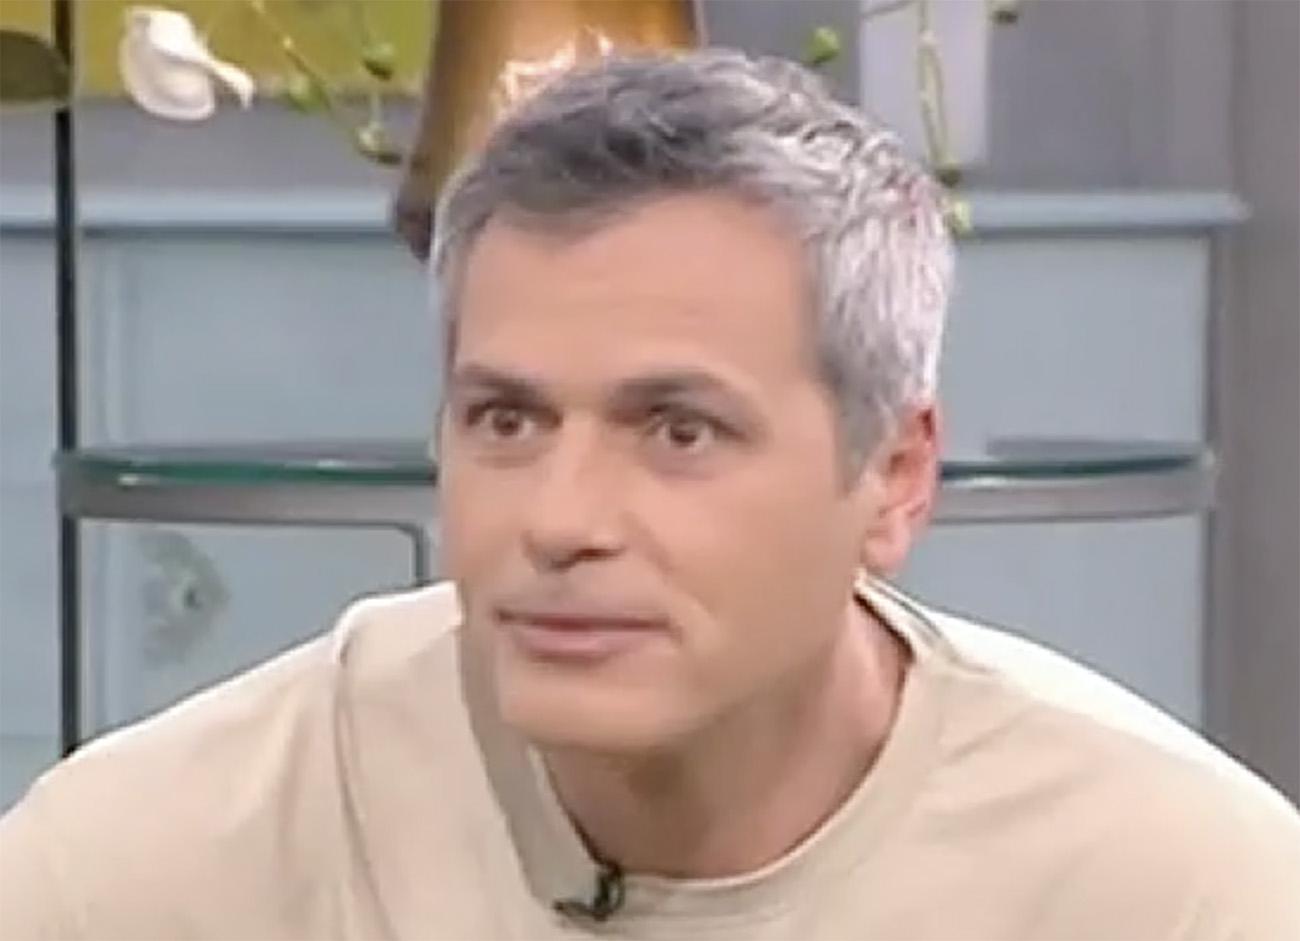 Ο Μάριος Αθανασίου αποκάλυψε ότι παντρεύτηκε τη σύντροφό του, Μάρθα Αλεξοπούλου